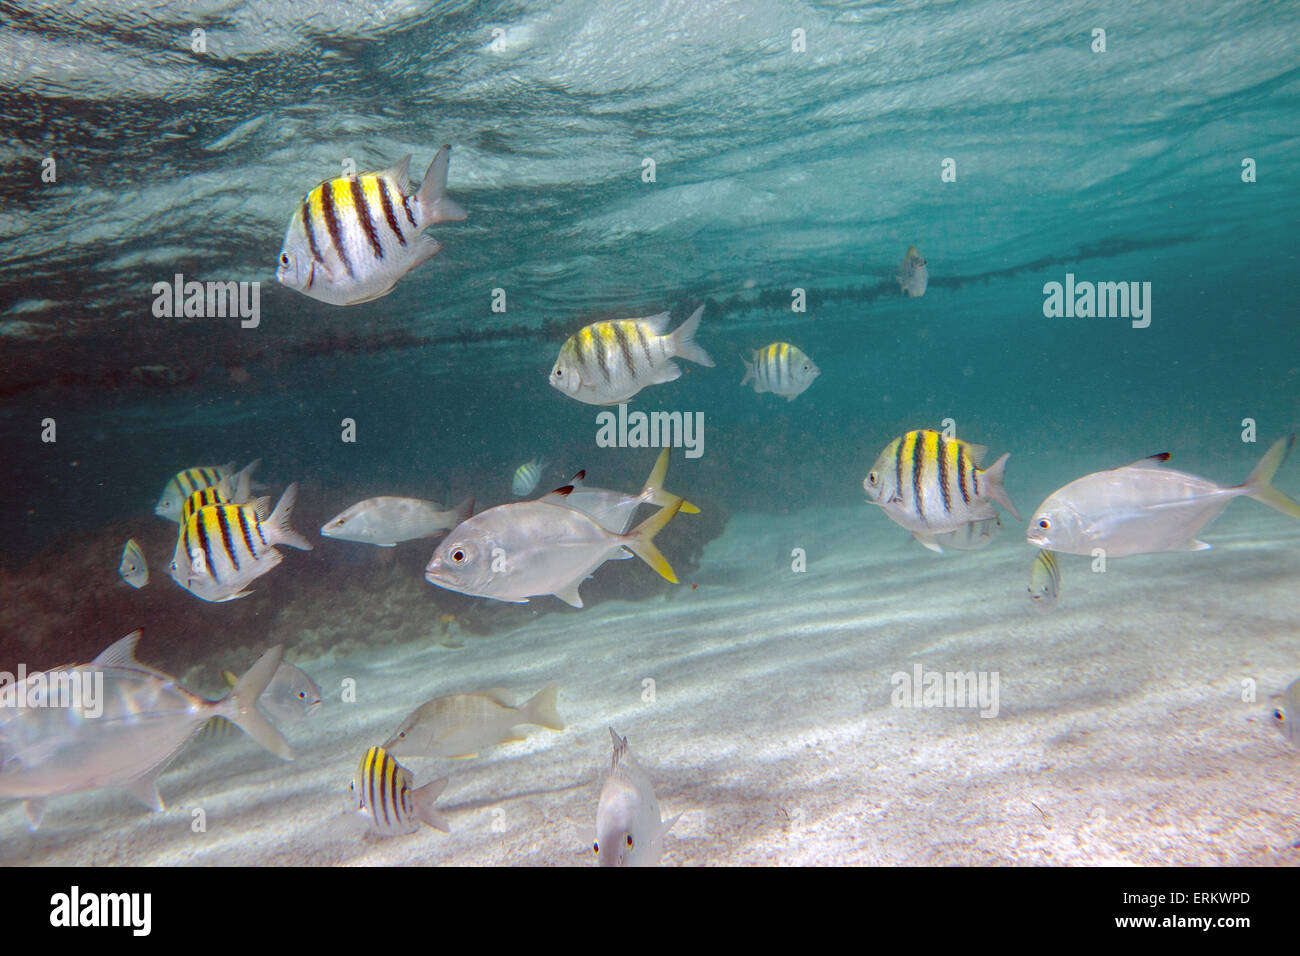 Nuotano pesci variopinti pacificamente a Stingray City, un santuario dove è possibile vedere le specie rare Immagini Stock